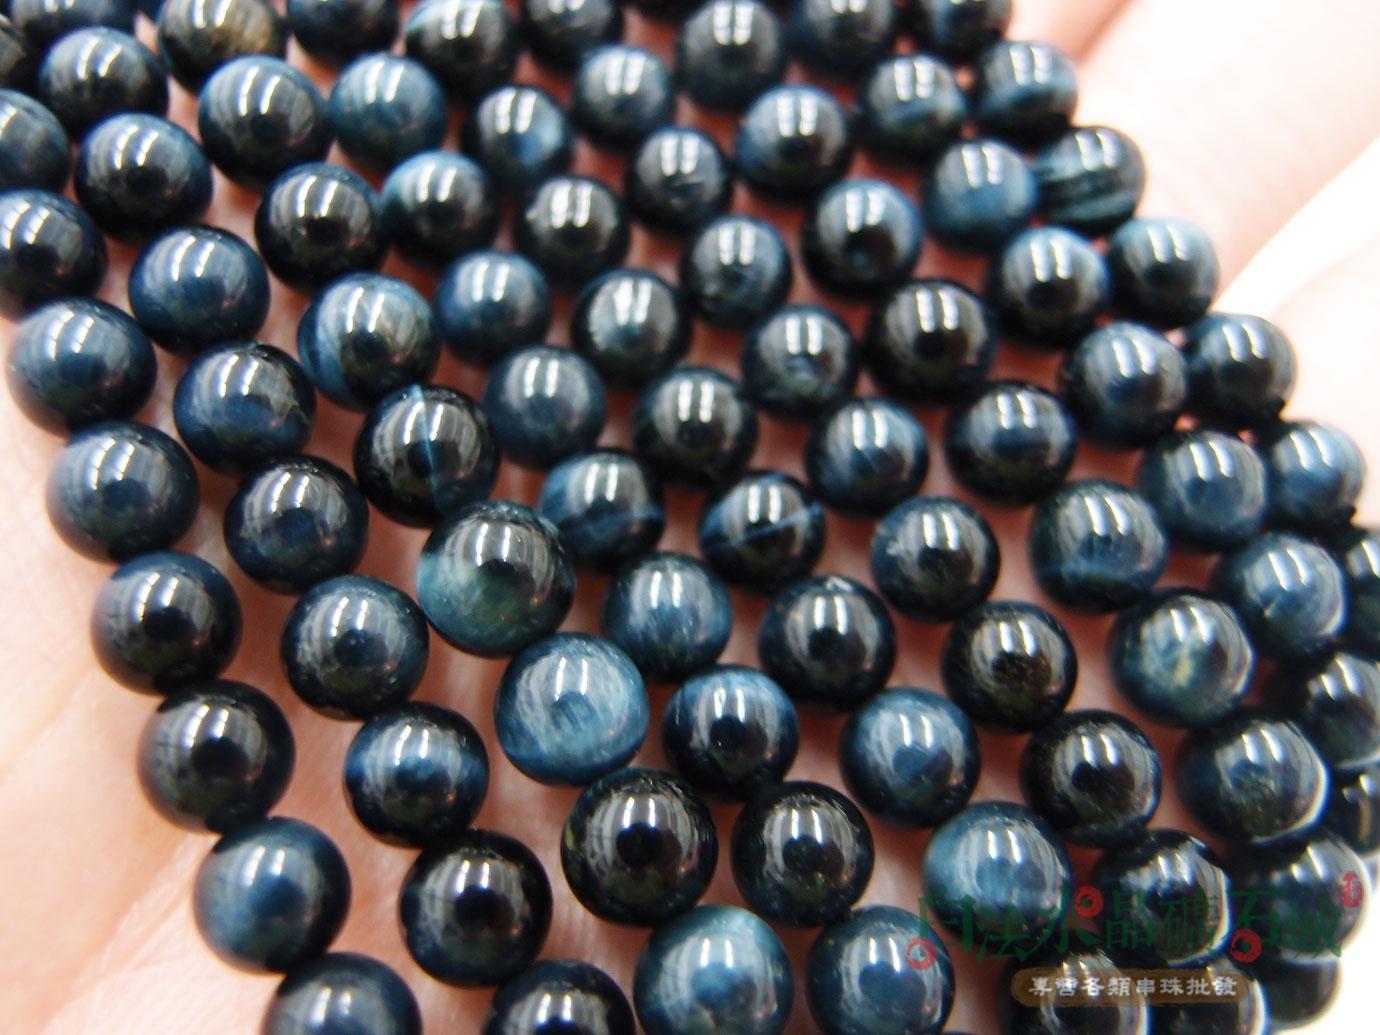 白法水晶礦石城 南非 天然-虎眼石-藍色 6mm 礦質-漂亮珠子 藍色暈光明顯- 串珠/條珠 首飾材料